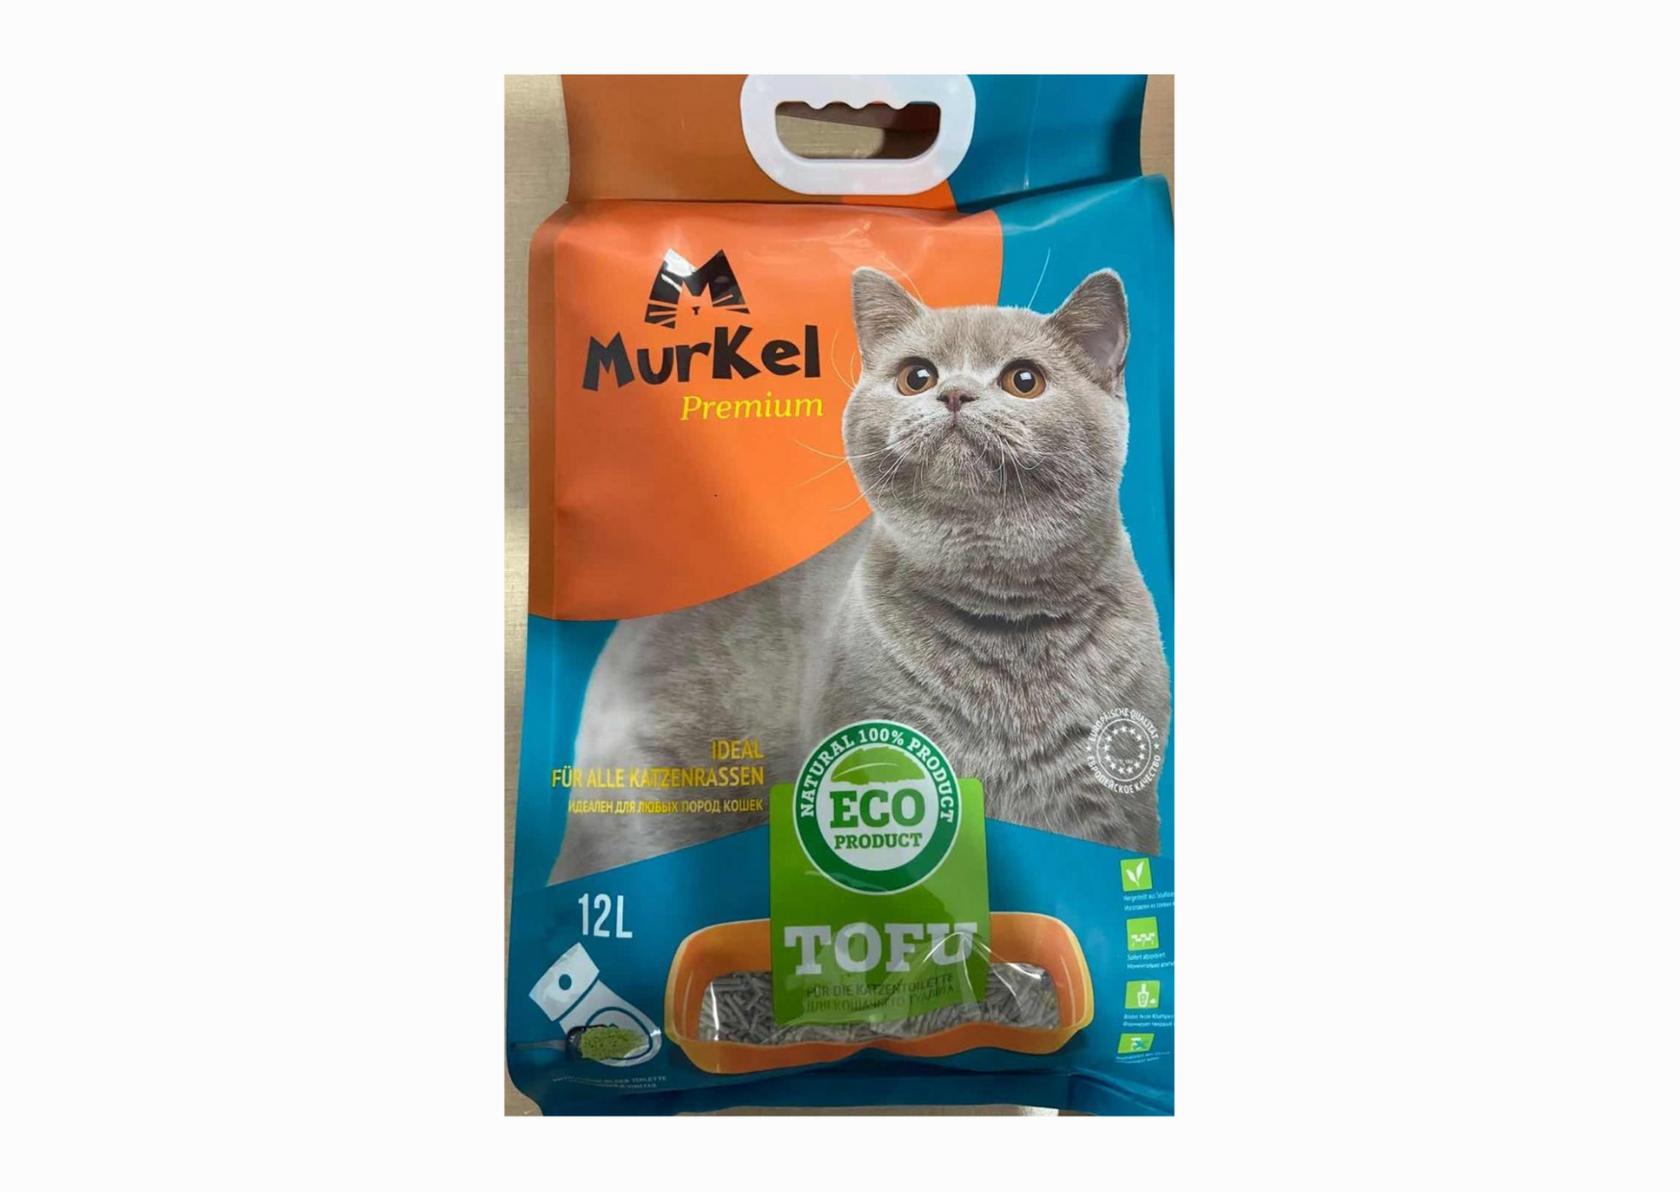 Мurkel Гигиенический наполнитель для кошачьего туалета, тофу Активированный уголь, 12л